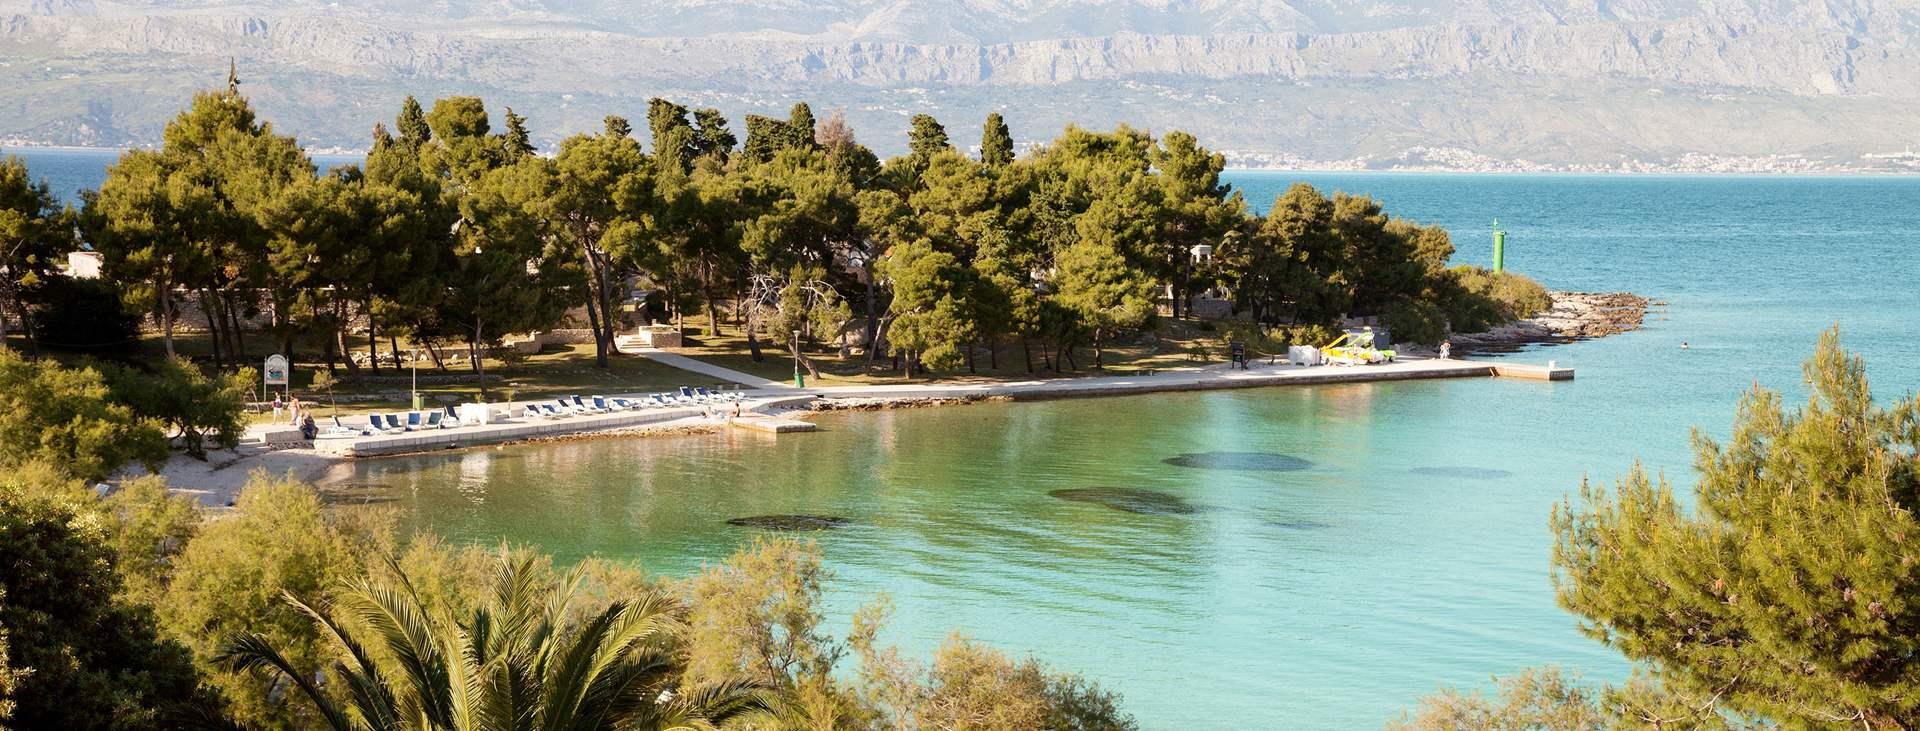 Bestill en reise til barnevennlige Supetar på øya Brac i Kroatia